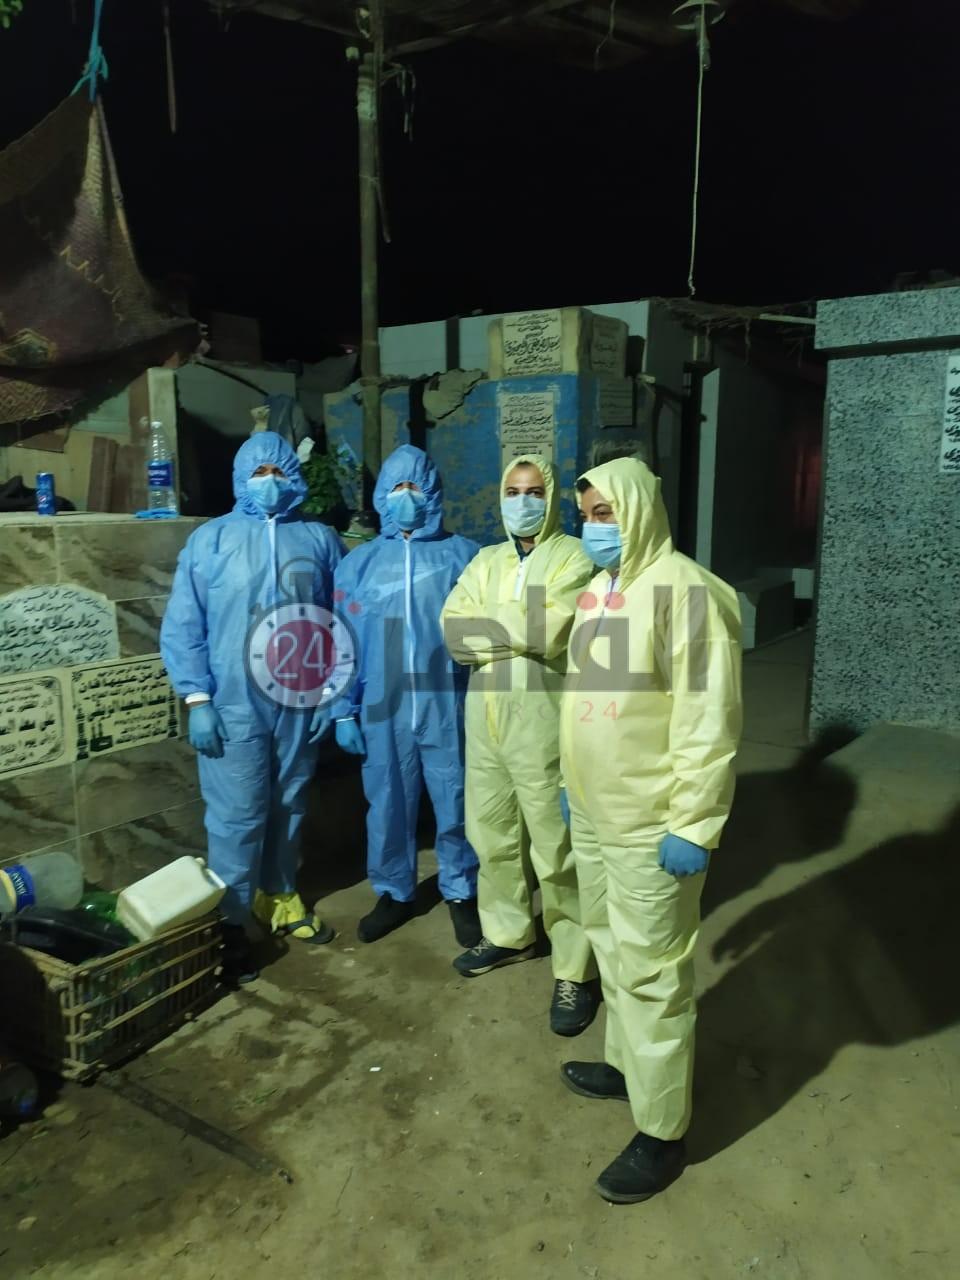 القاهرة24 - وفاة عامل بفيروس كورونا داخل مدرسة ابتدائية في الشرقية 95805710